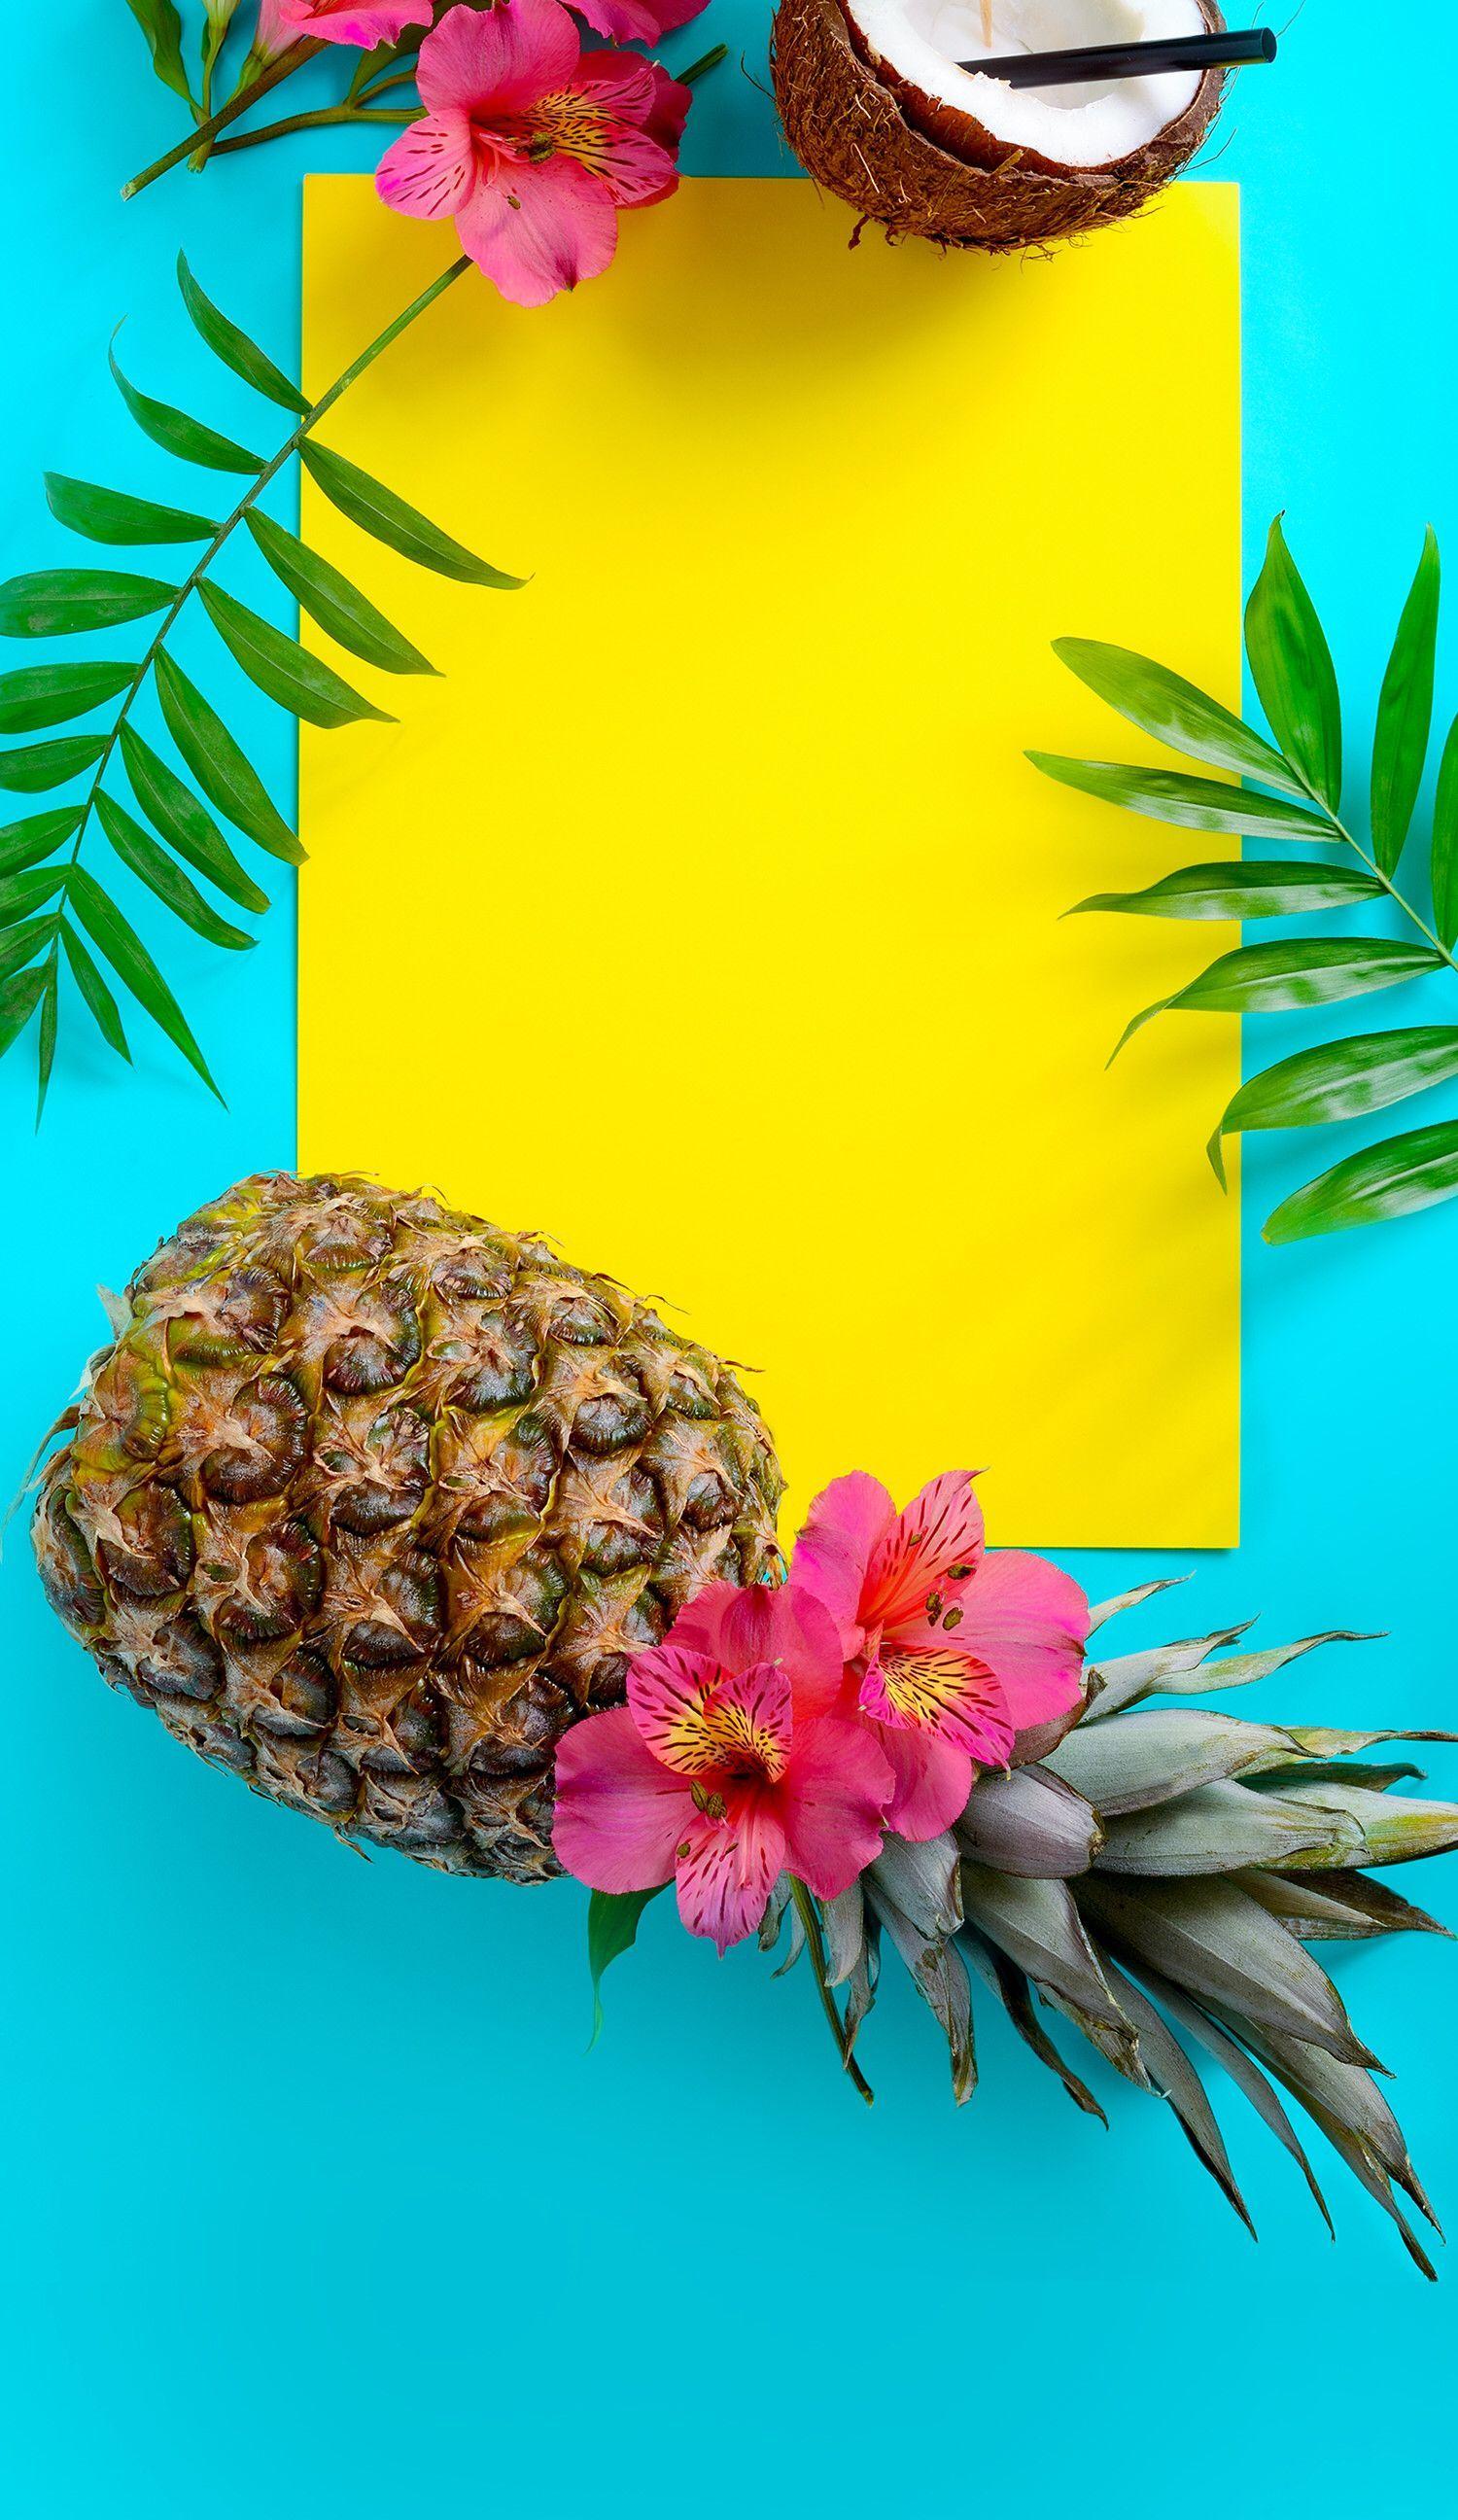 Tropical Summer Wallpaper : tropical, summer, wallpaper, Summer, Tropical, Wallpapers, Wallpaper